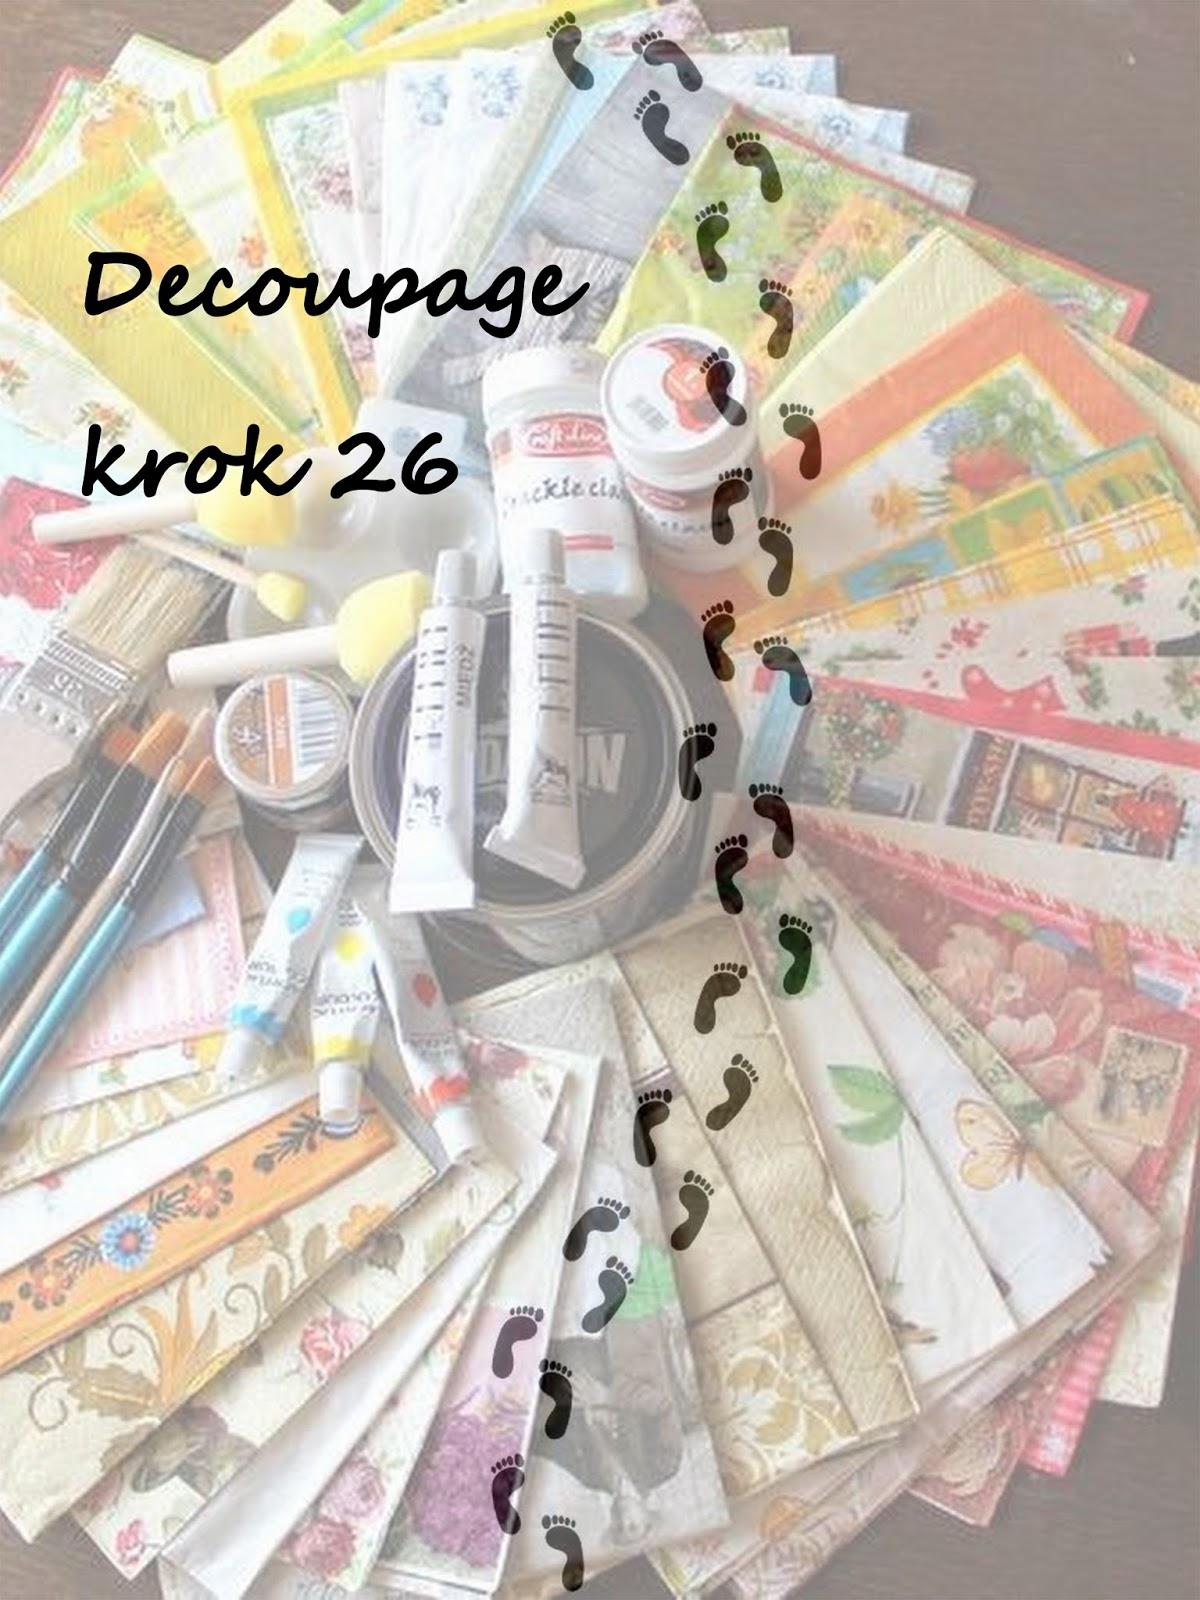 Krok 26